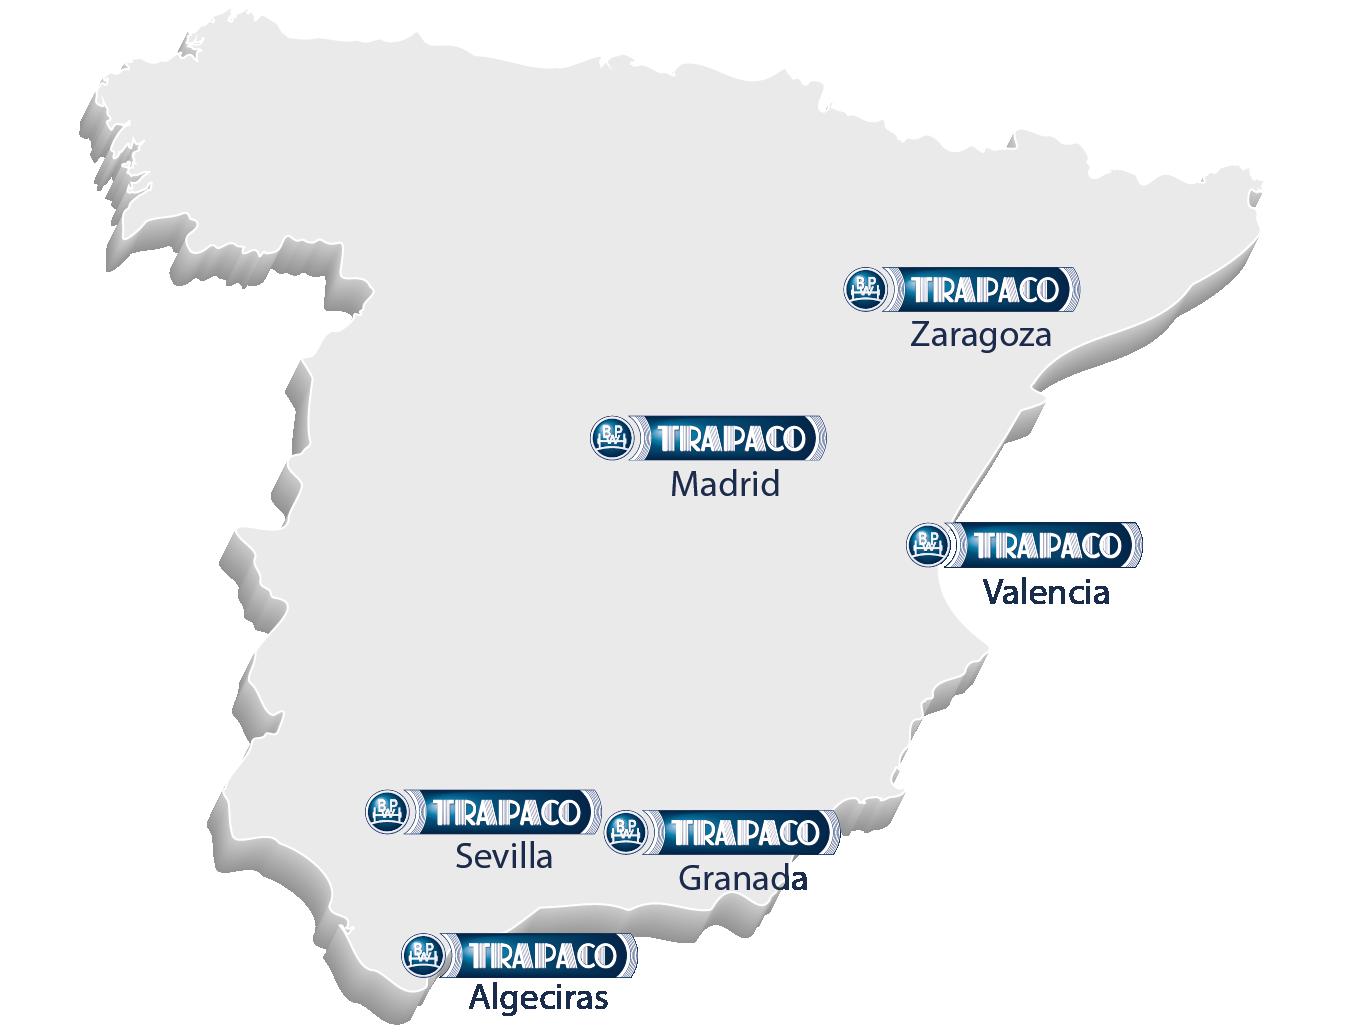 mapa-delegaciones-bpw-trapaco